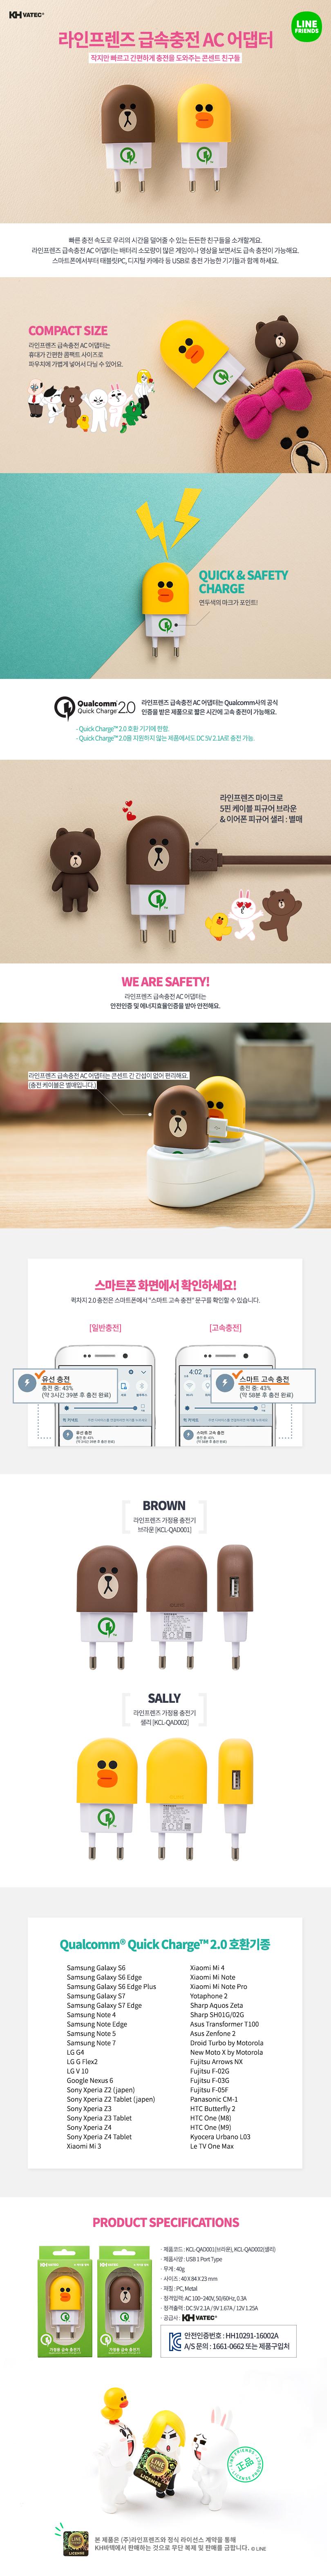 라인프렌즈 USB 가정용 급속 충전기 (퀼컴 퀵차지 2.0) - 라인프렌즈, 24,900원, 충전기, 충전기 본체